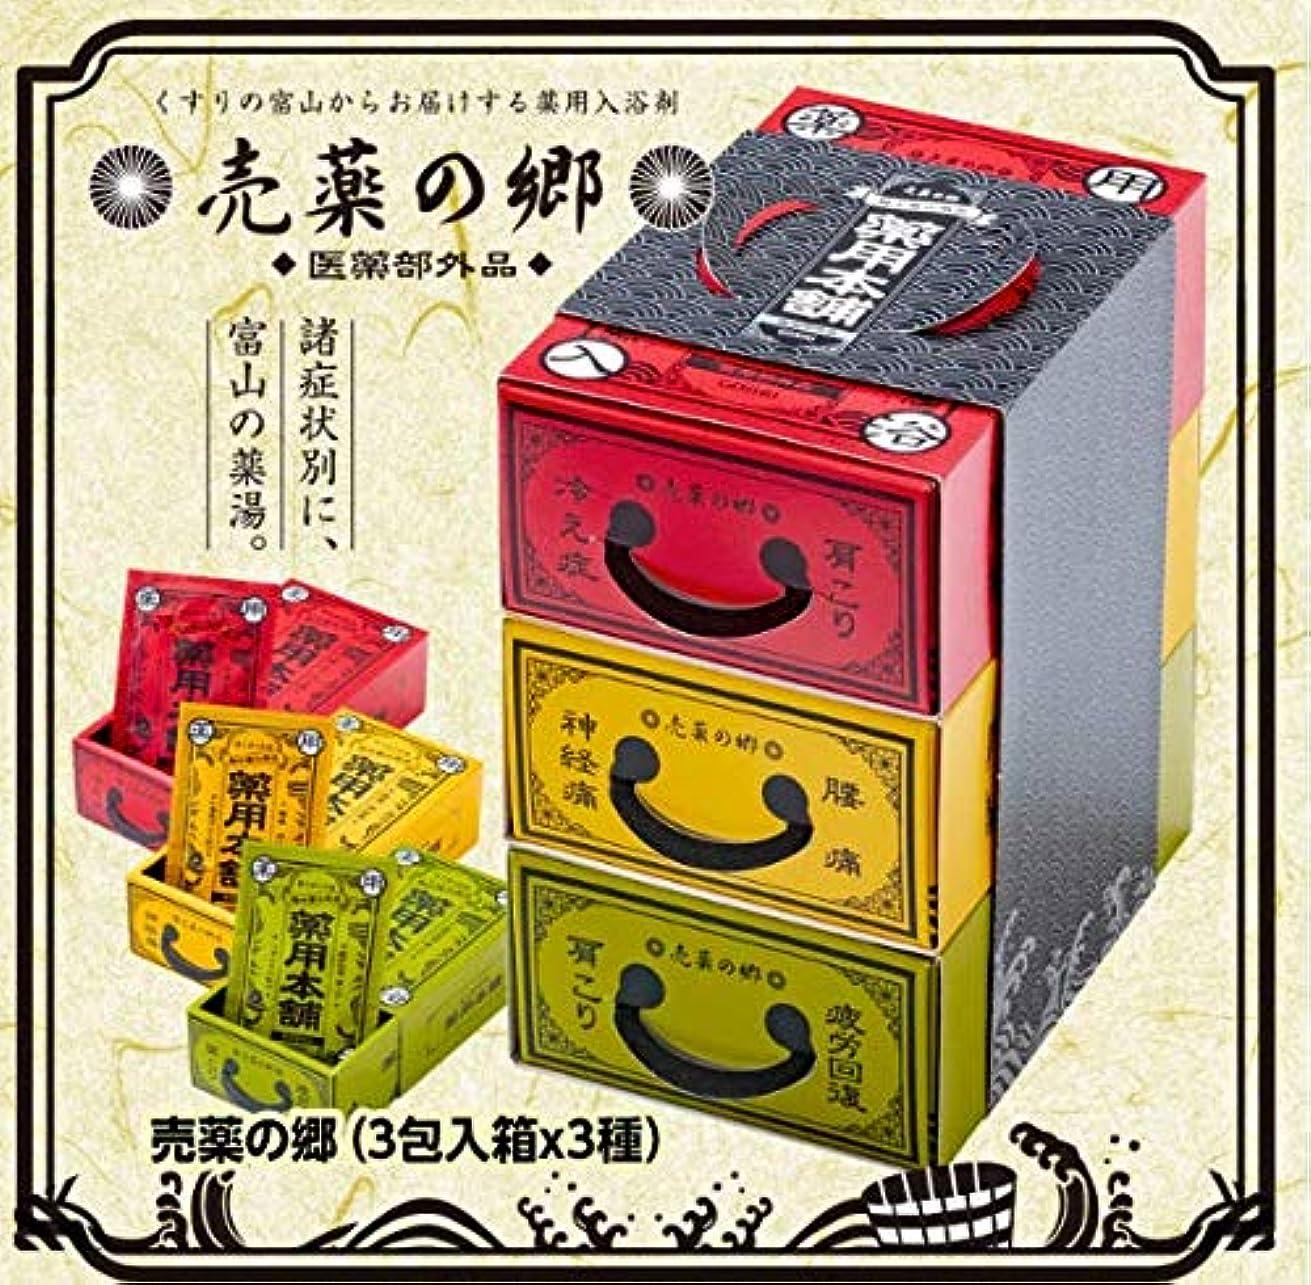 ライタードリル意欲五洲薬品 売薬の郷 薬用本舗 3箱セット BYS-G3